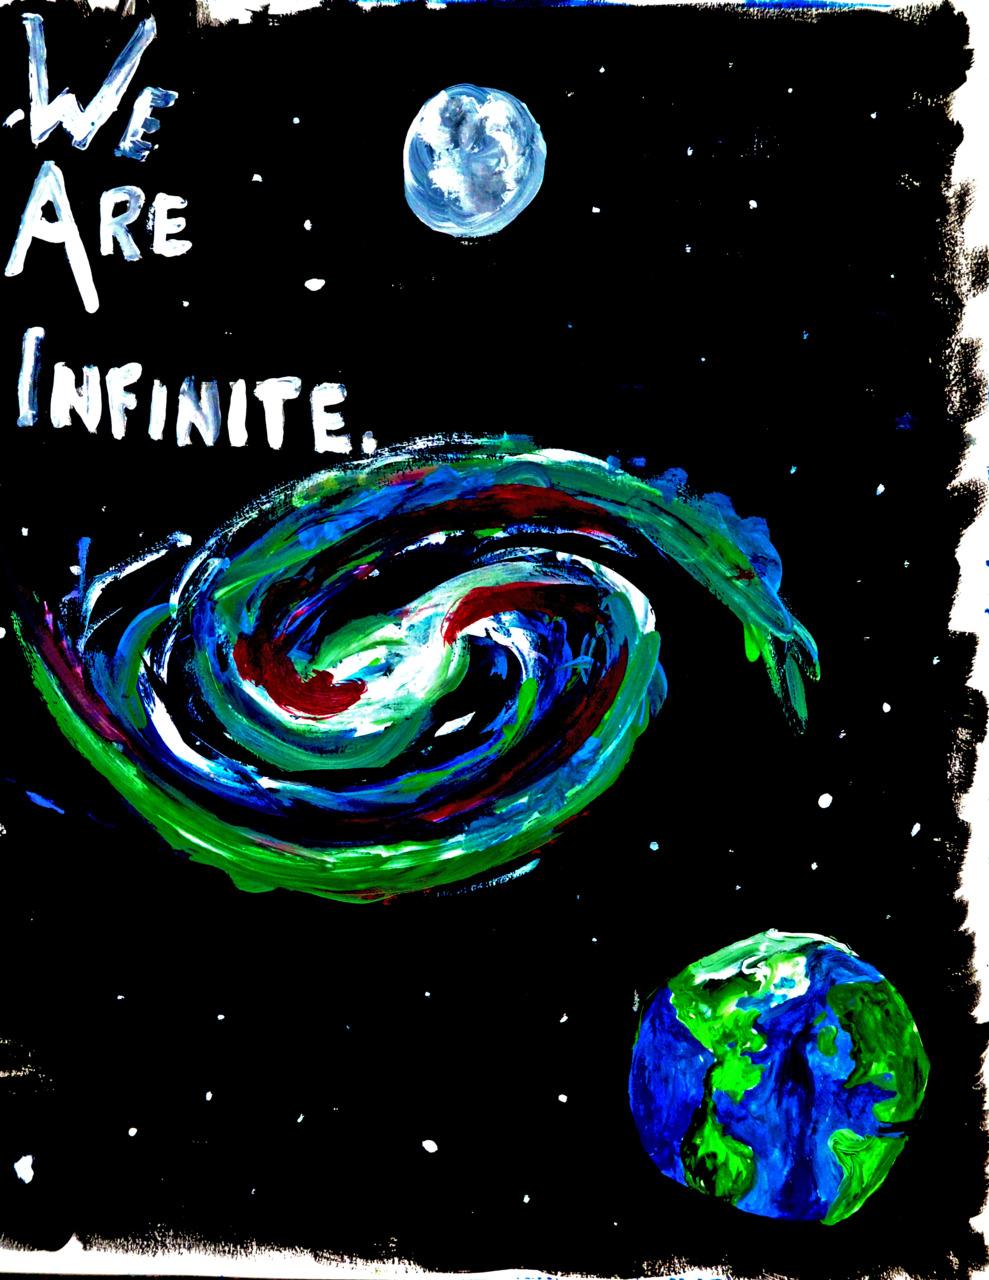 infinite.jpg